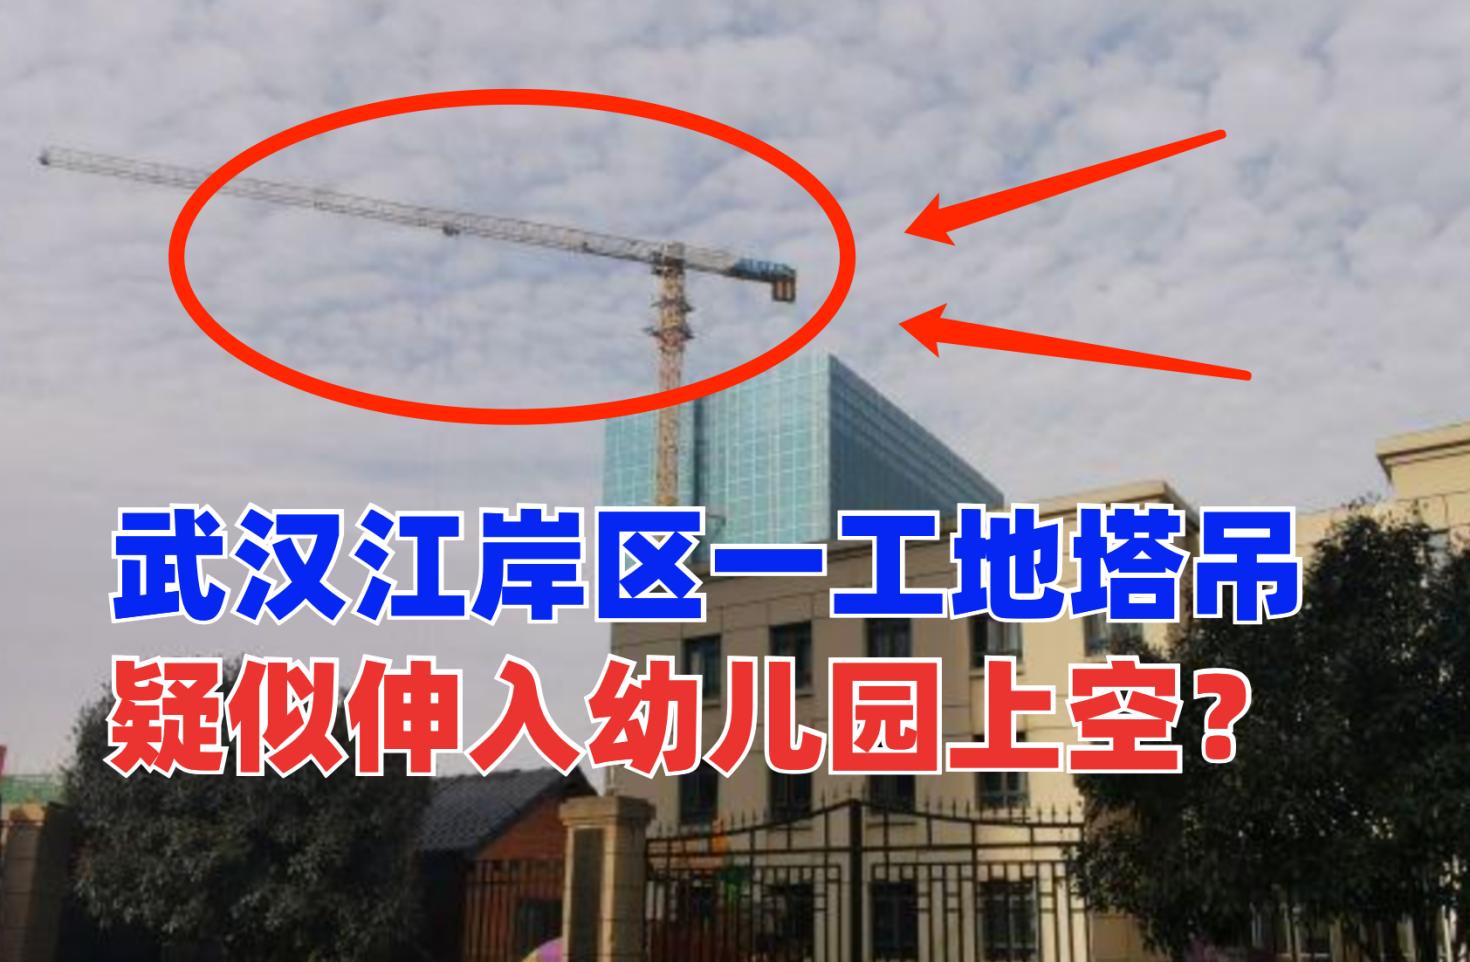 塔吊吊臂伸入幼儿园上空?!是错觉还是现实?塔吊如何强化监管?